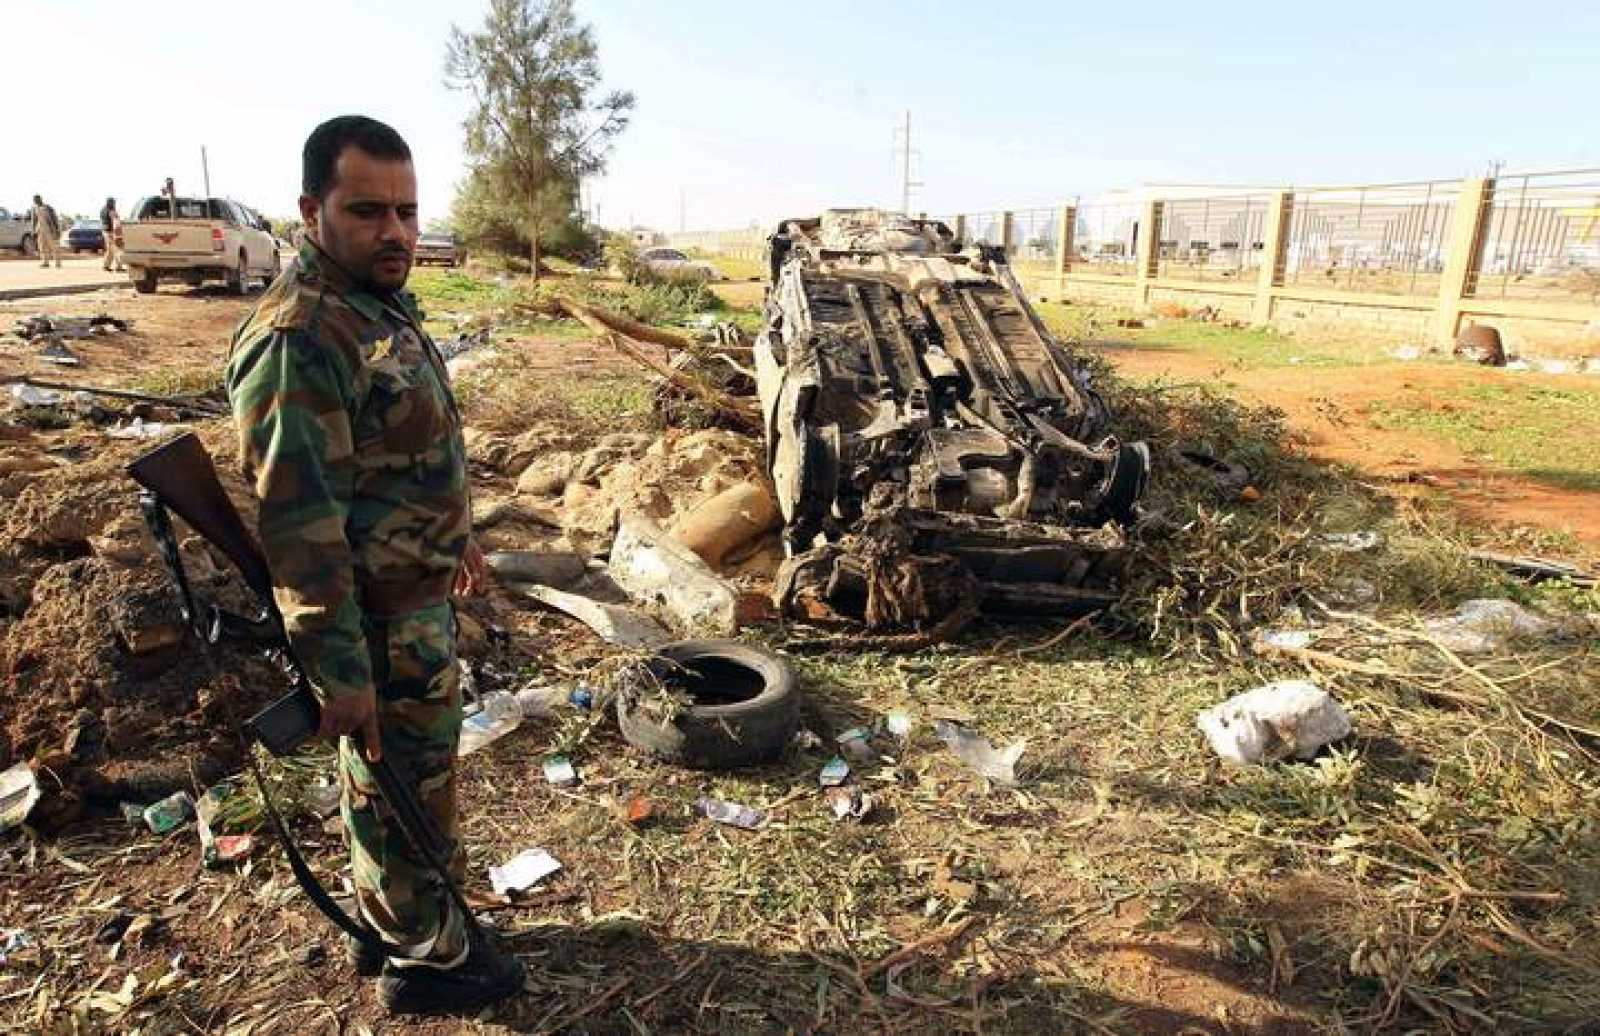 Un miembro de las fuerzas de seguridad de Libia, junto a uno de los vehiculos destruidos en el ataque con coche-bomba en Bengasi